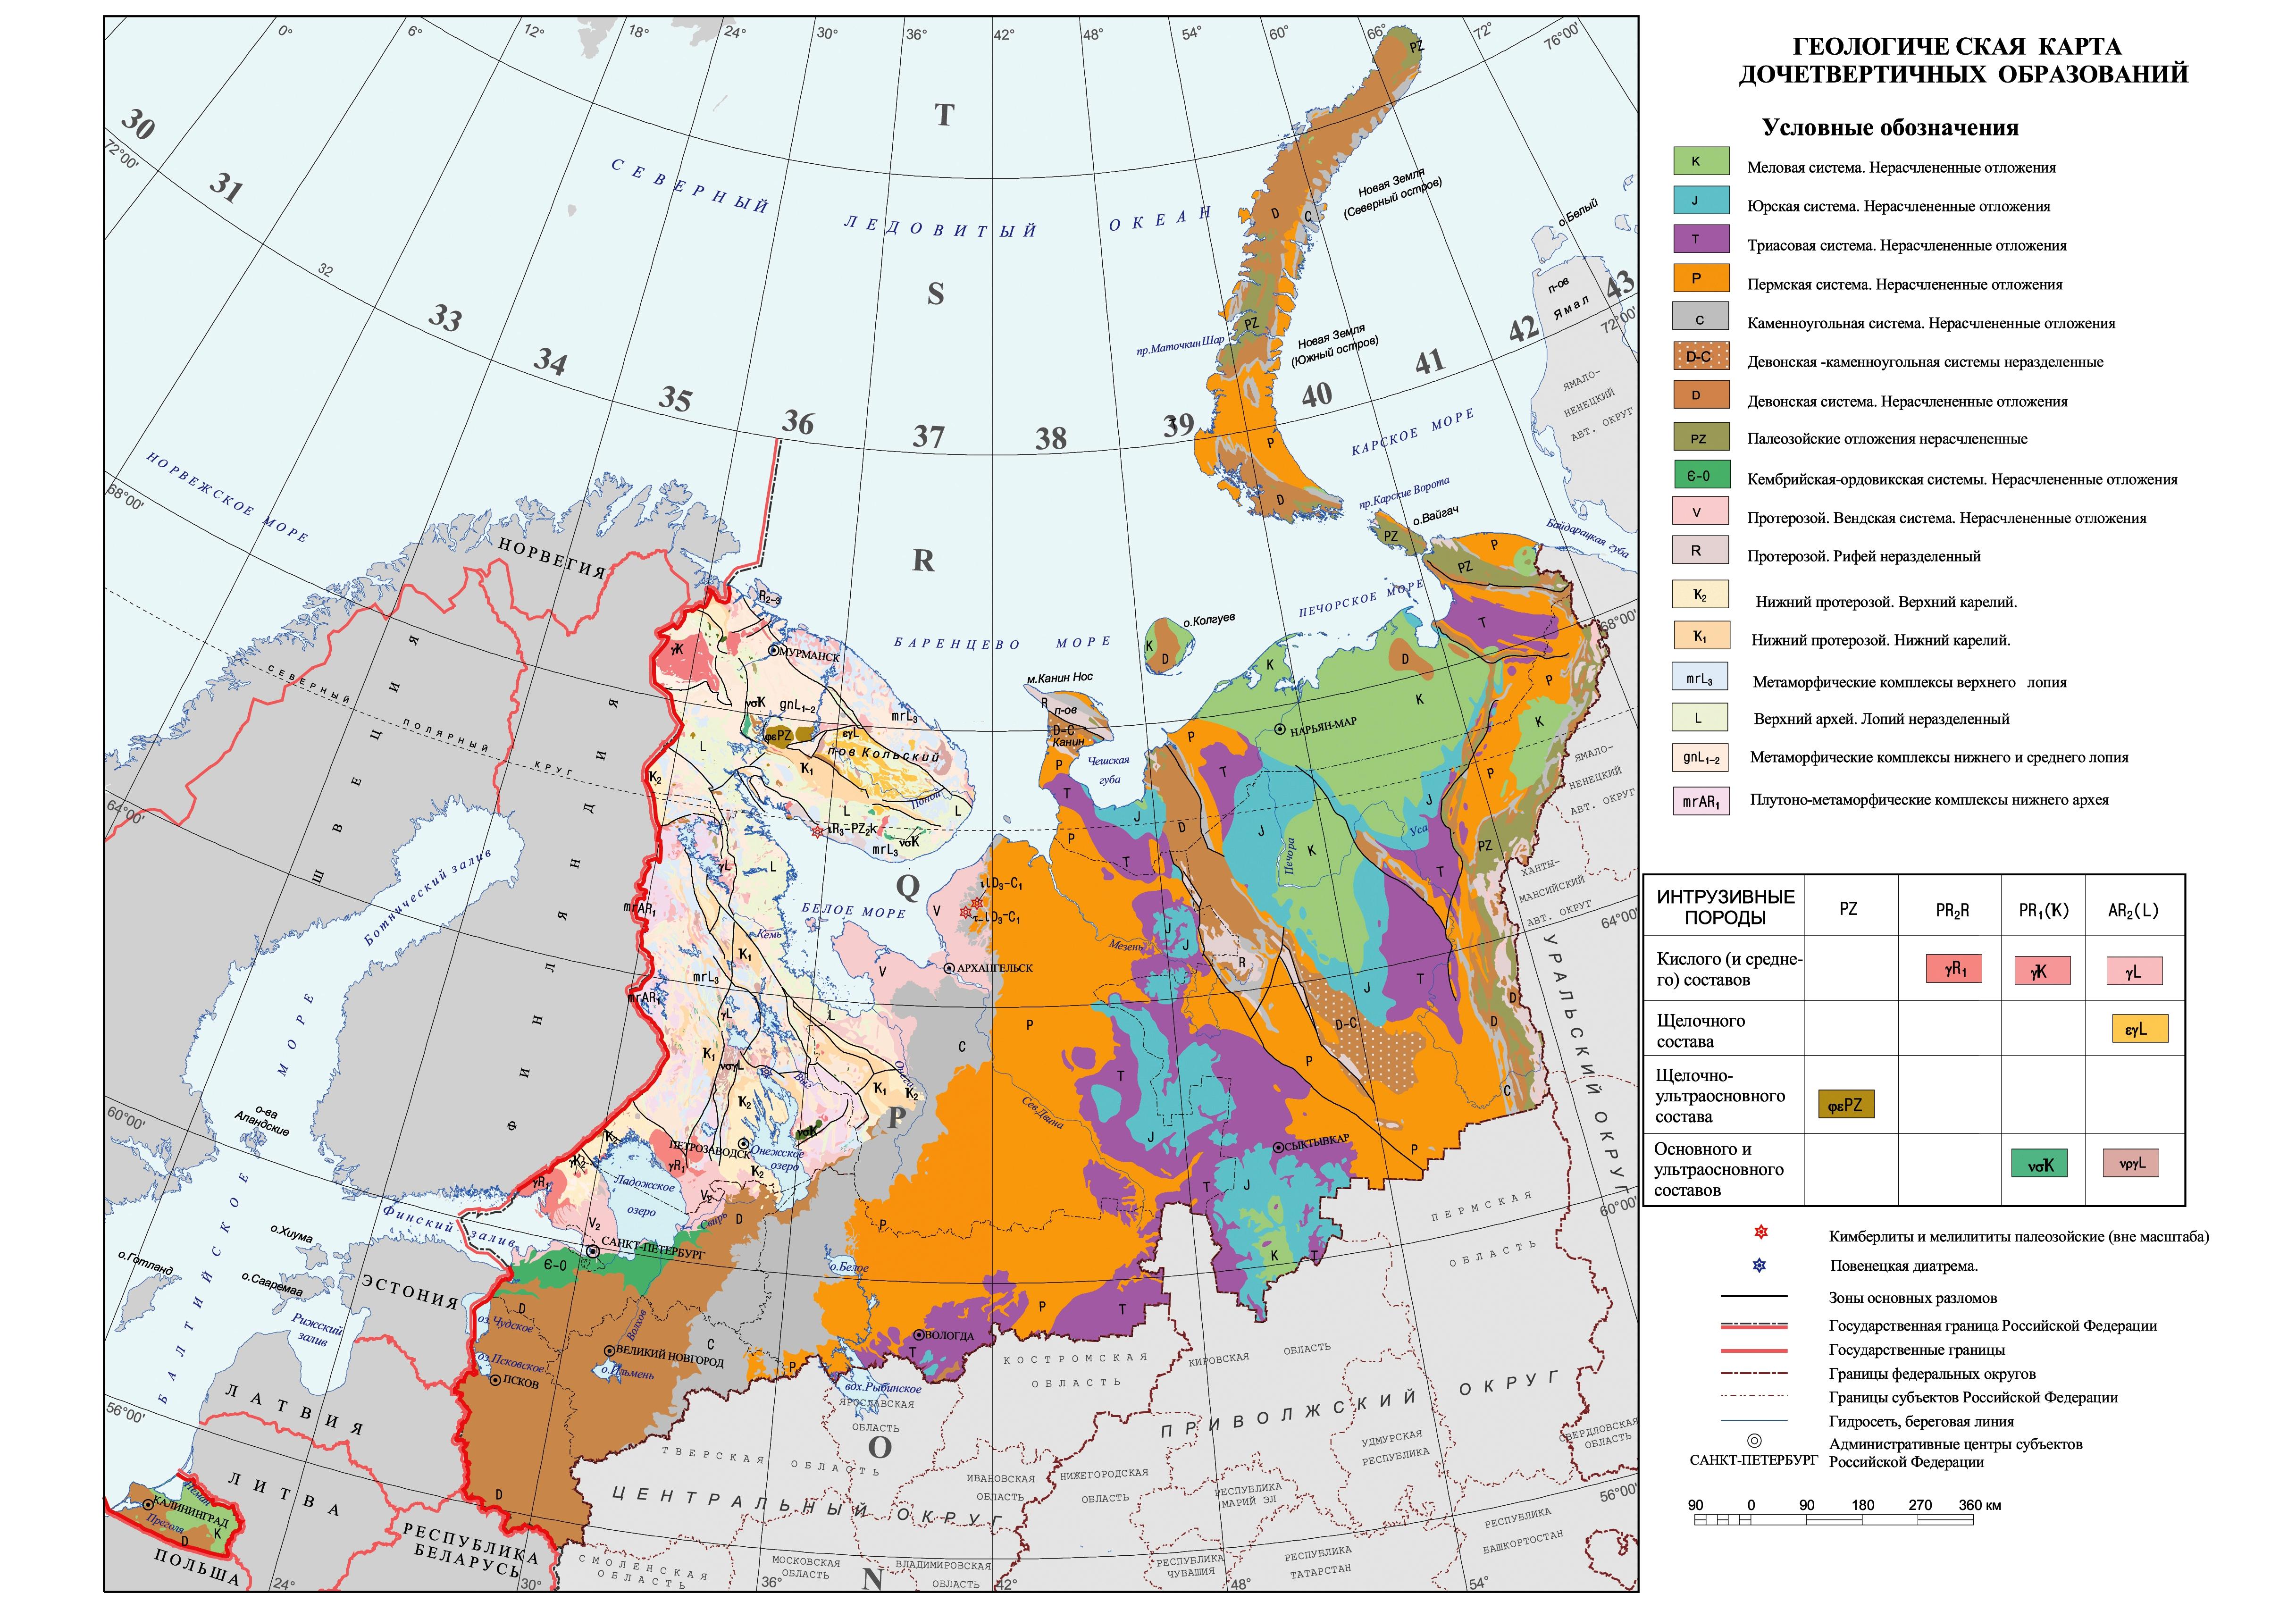 Карта земли с аномальными зонами